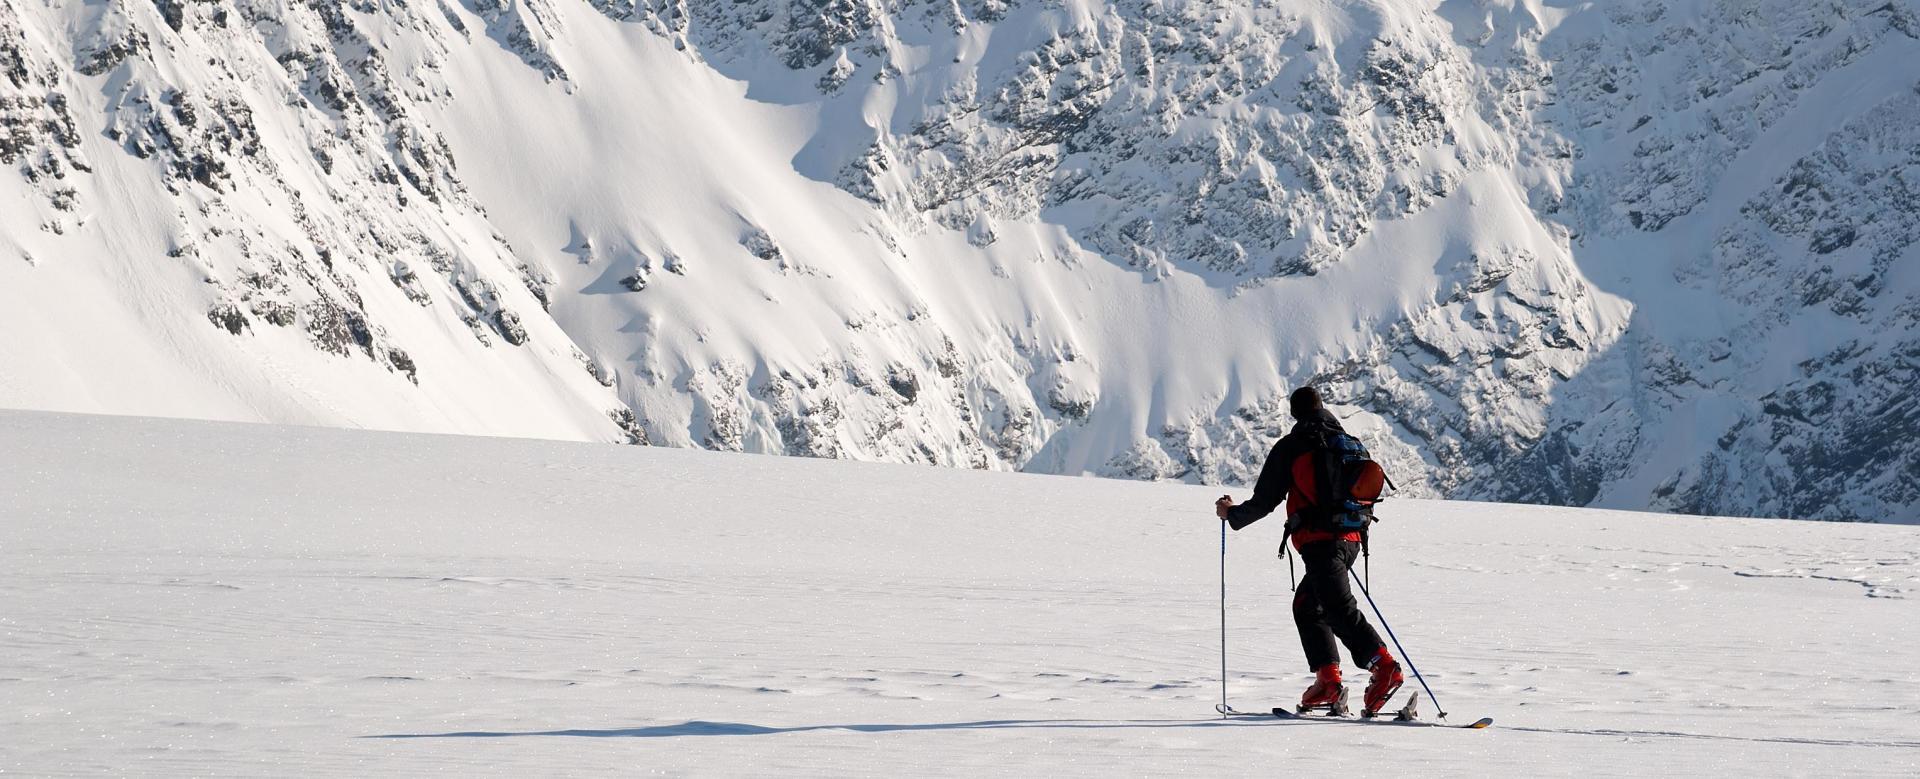 Voyage à la neige Bulgarie : Rila et pirin, ski de rando en bulgarie